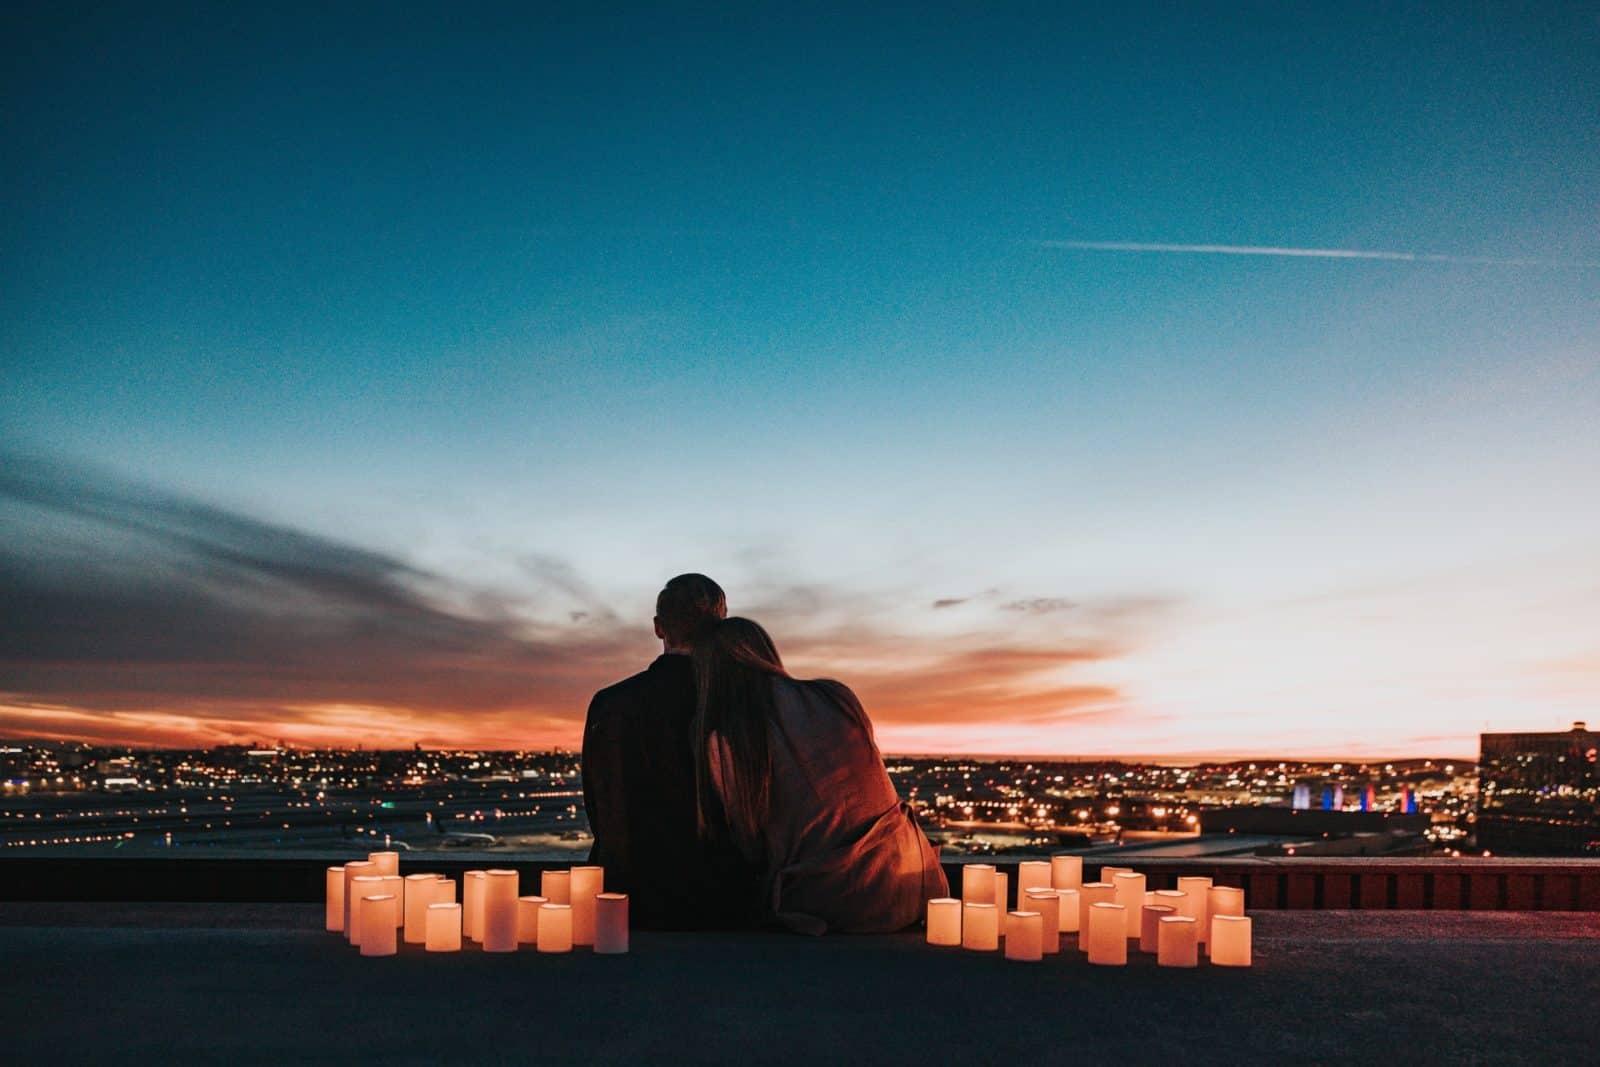 Paar umgeben von Laternen